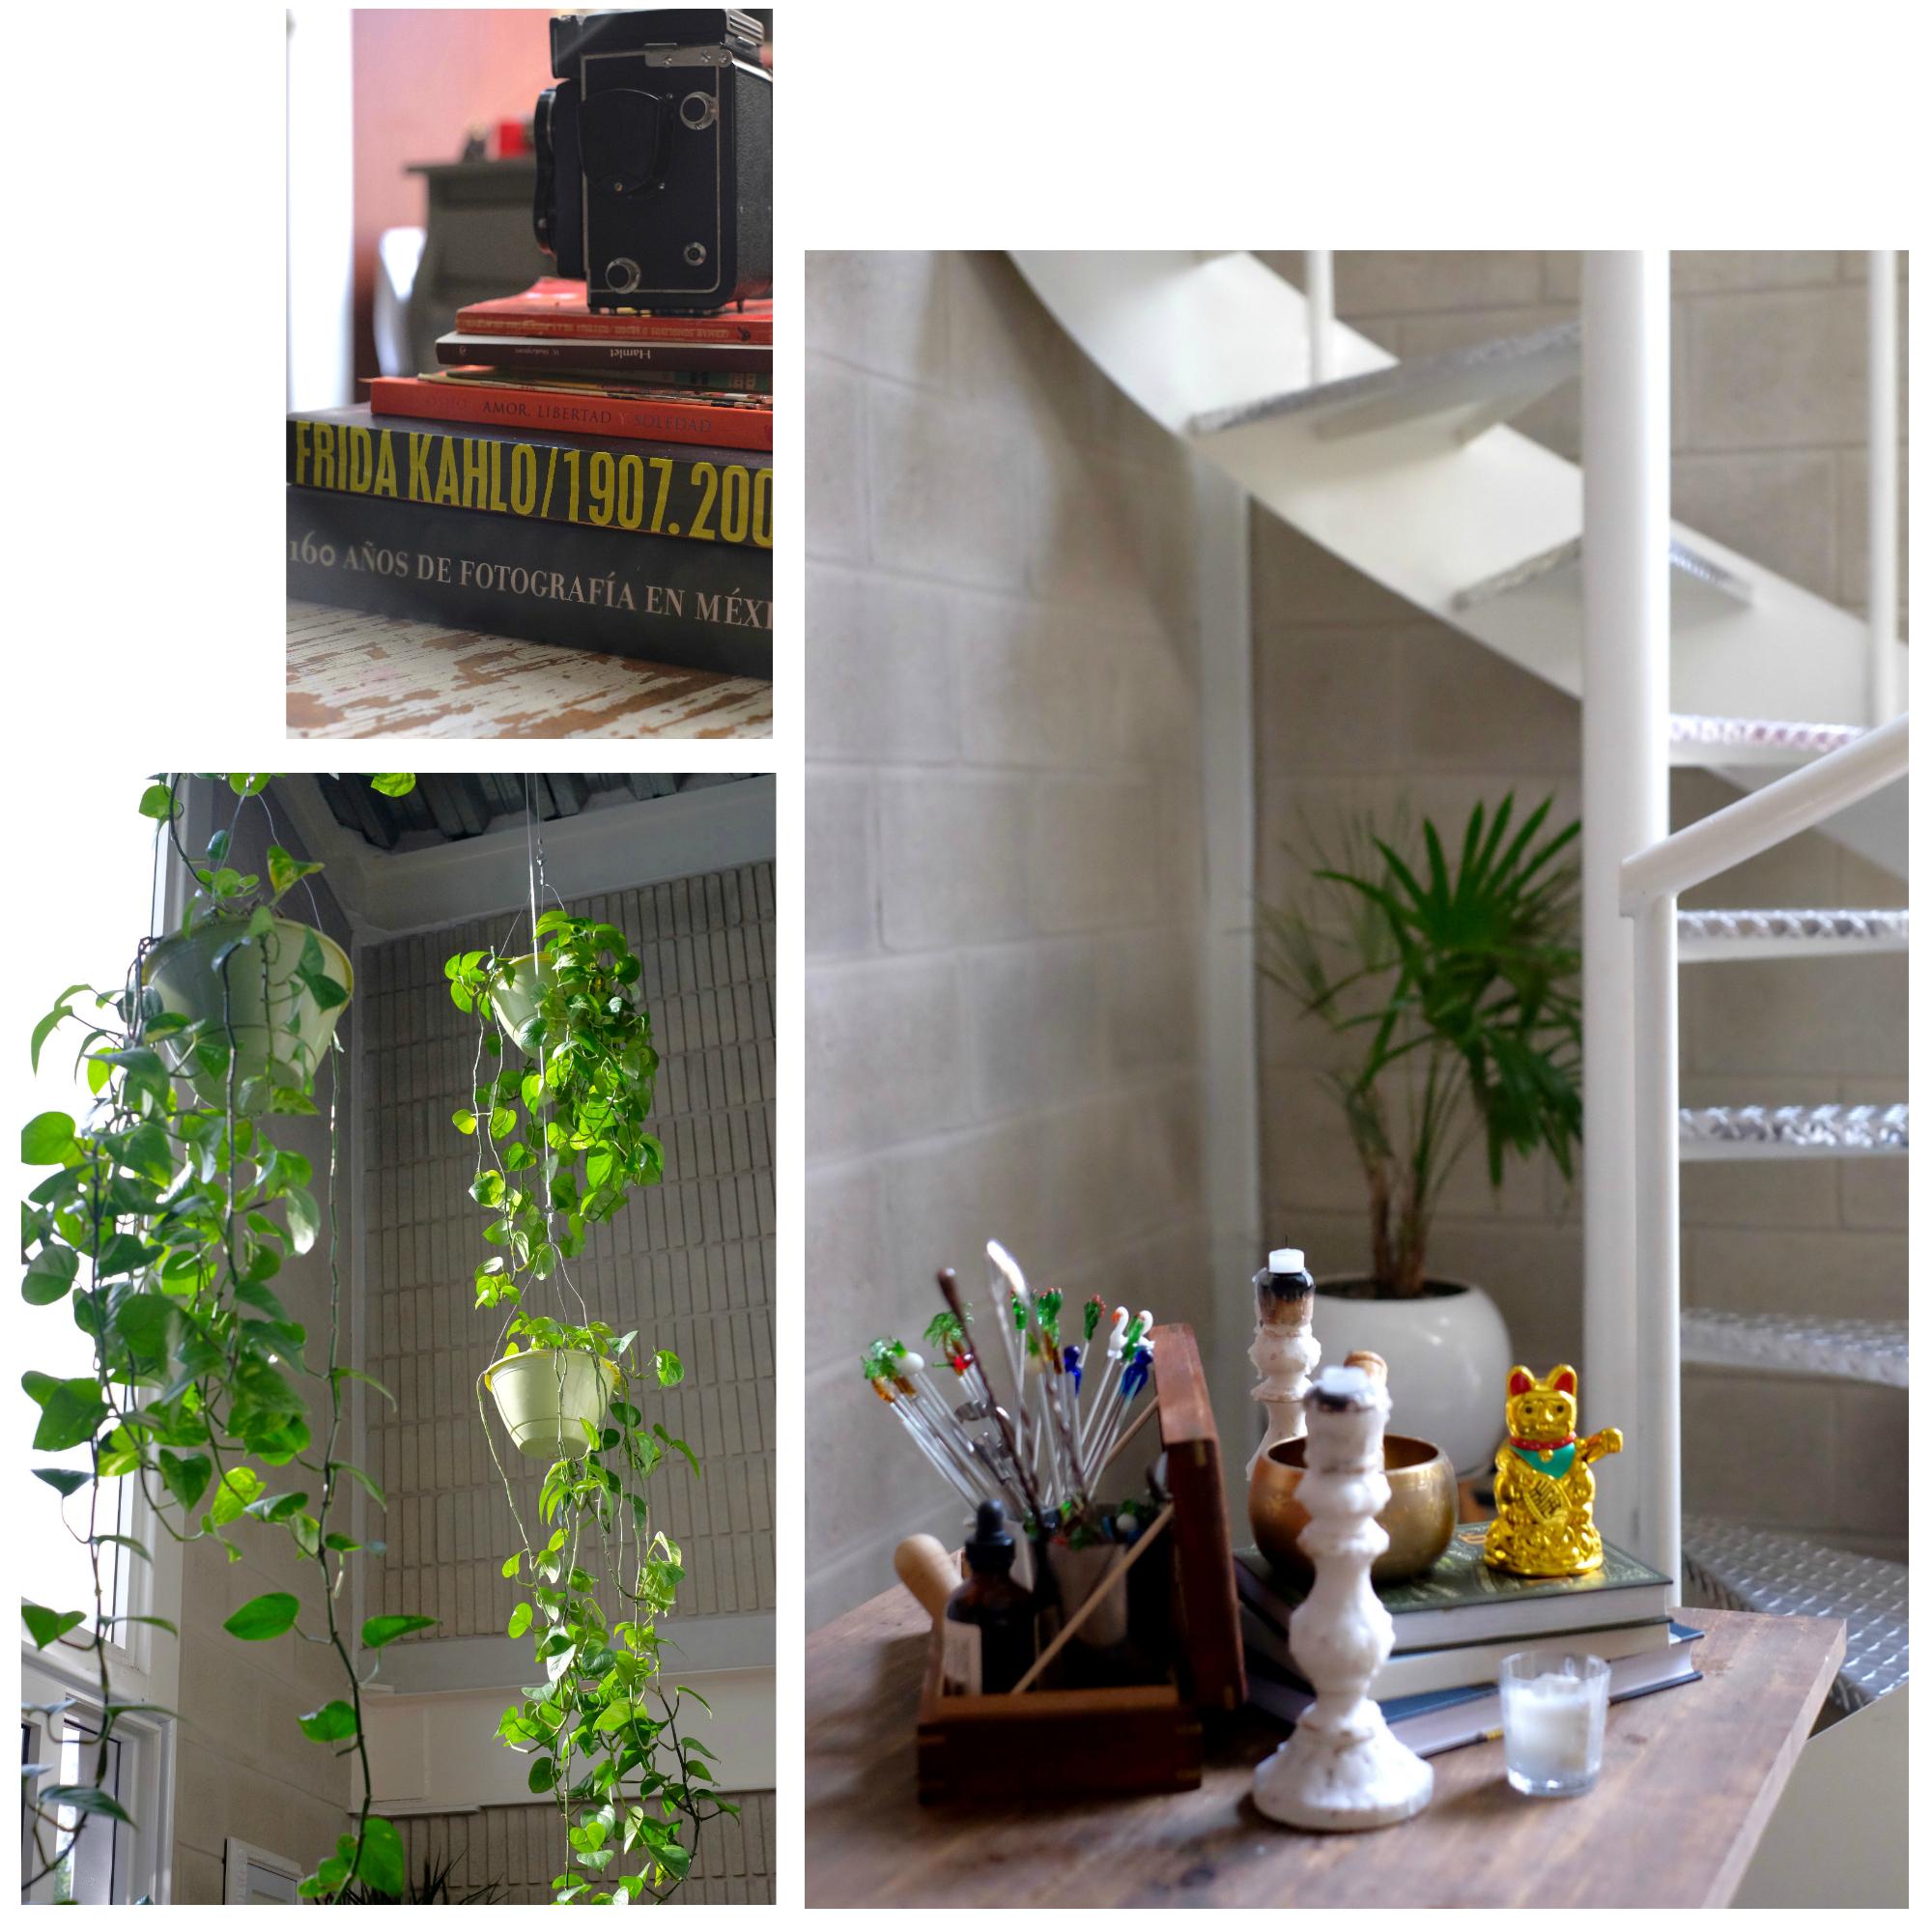 tais kuri himalayan book cafe home apartment